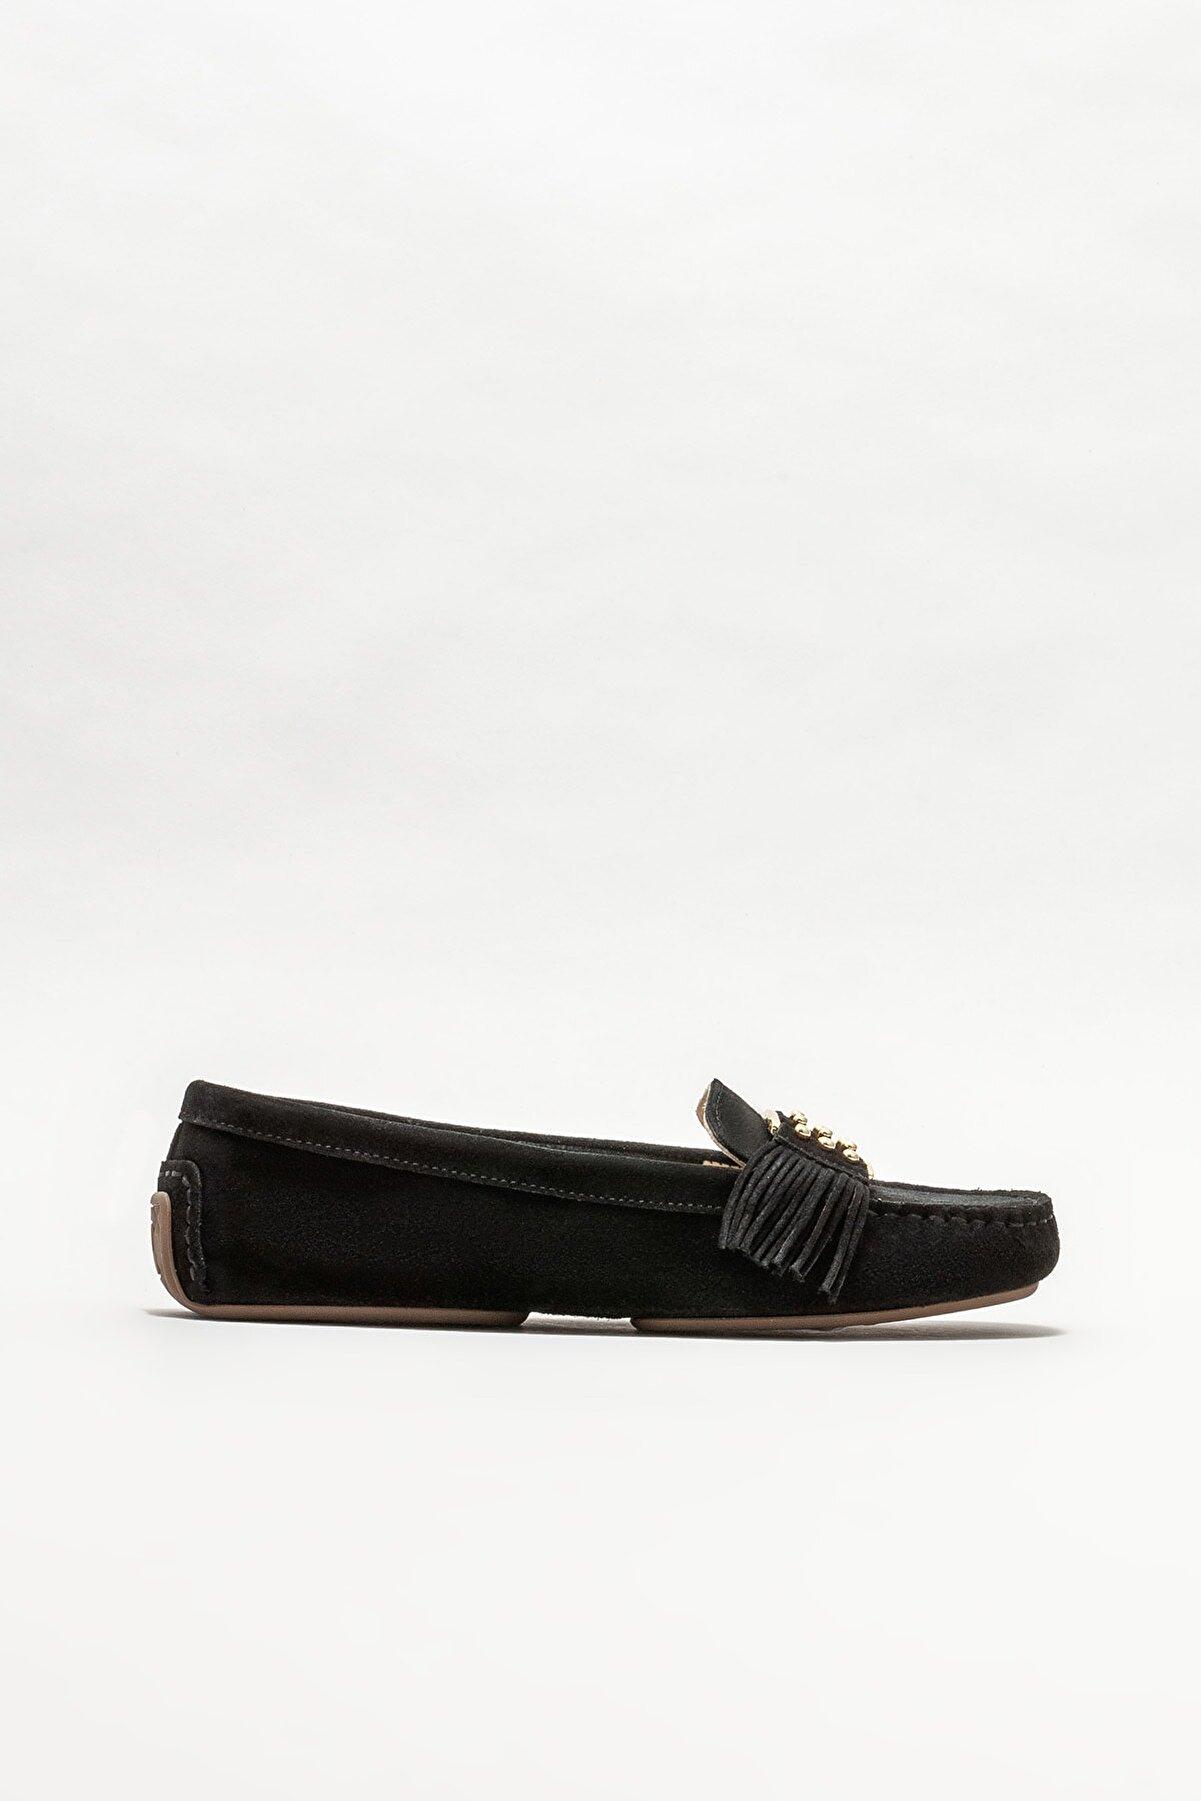 Elle Kadın Siyah Deri Günlük Loafer Ayakkabı